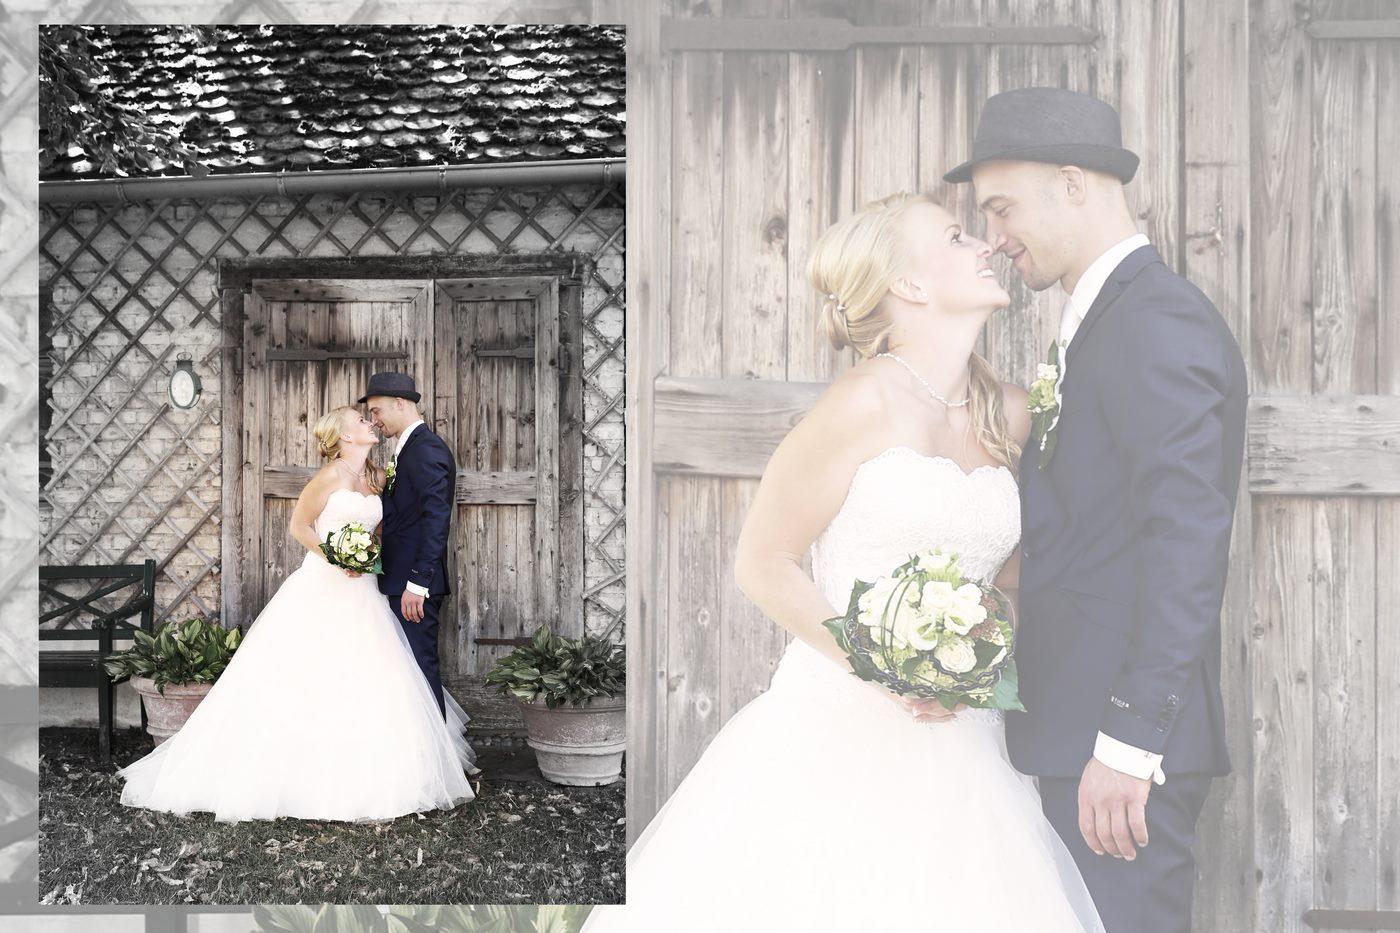 Brautpaar vor Jagdhütte fotografiert